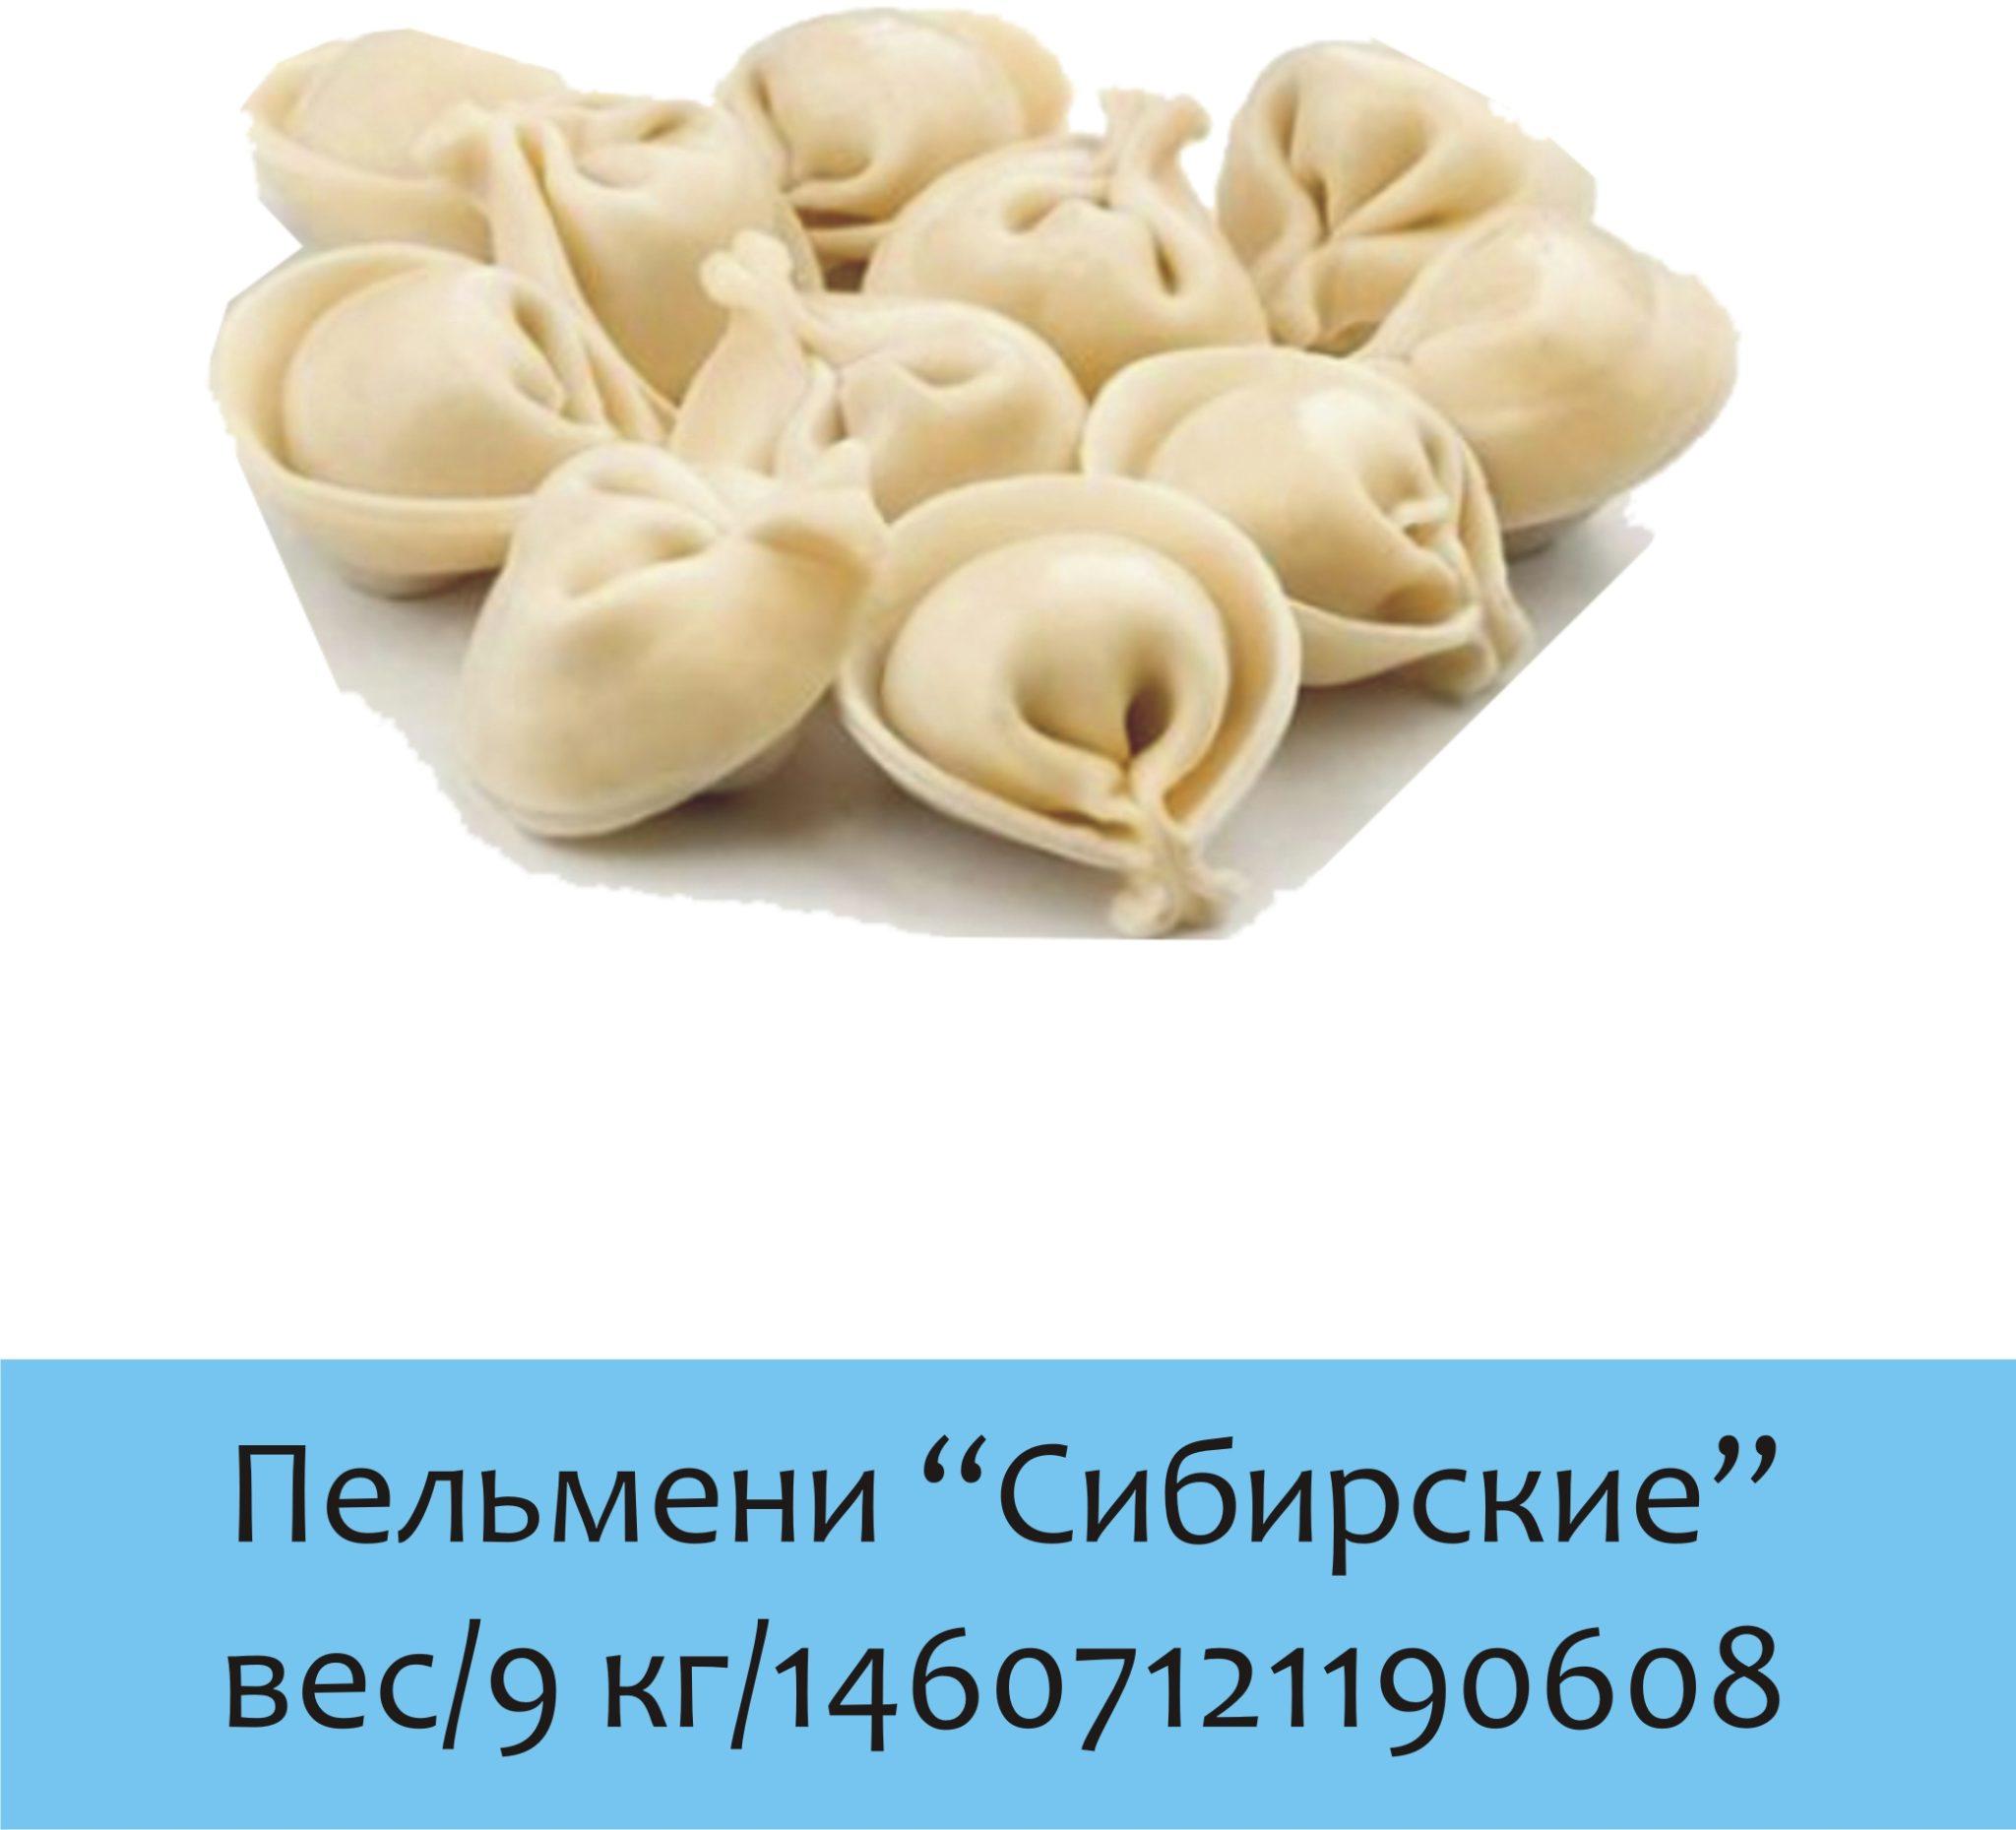 пельмени Сибирские весовые